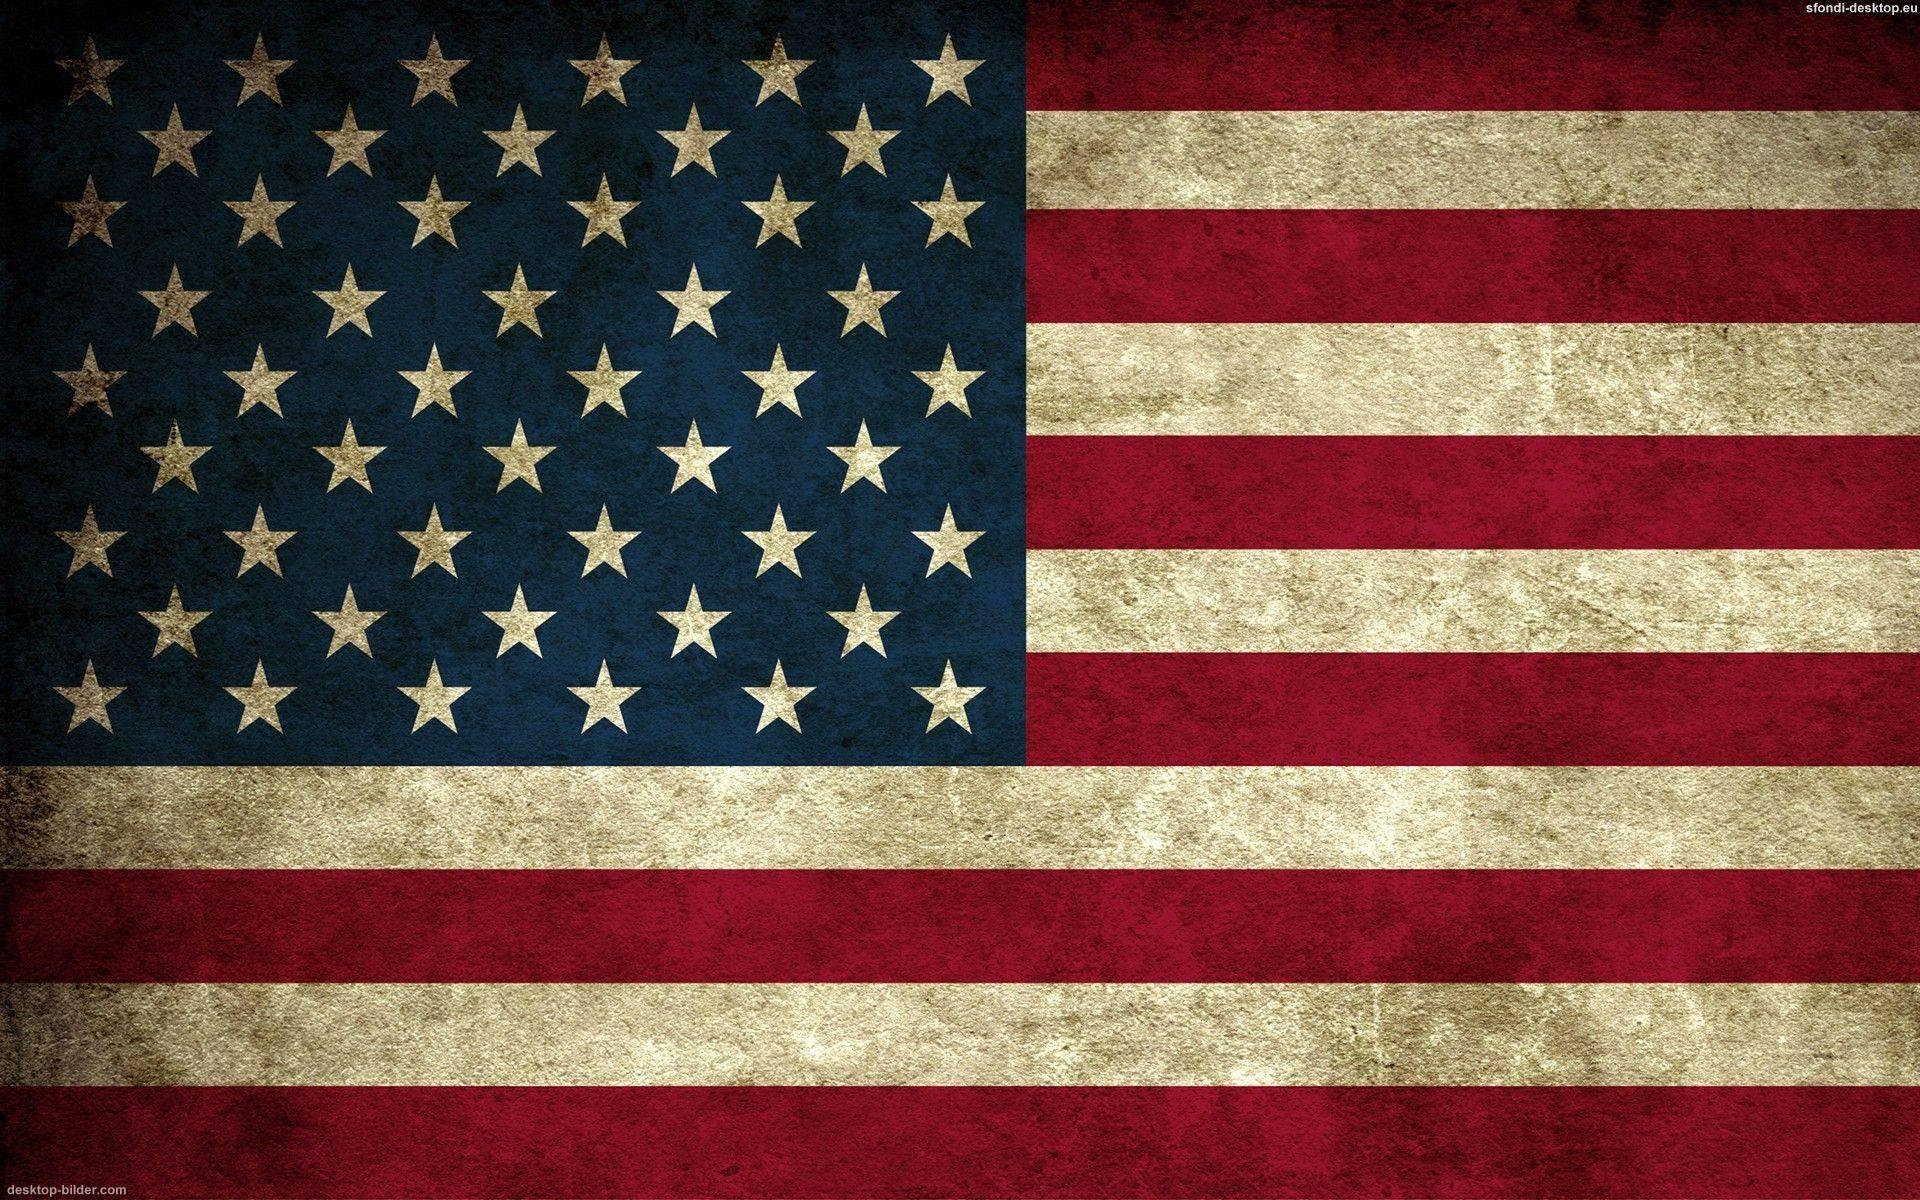 Schaue dir den Hintergrundbild USA Flagge in der Gre von 1920x1200 1920x1200